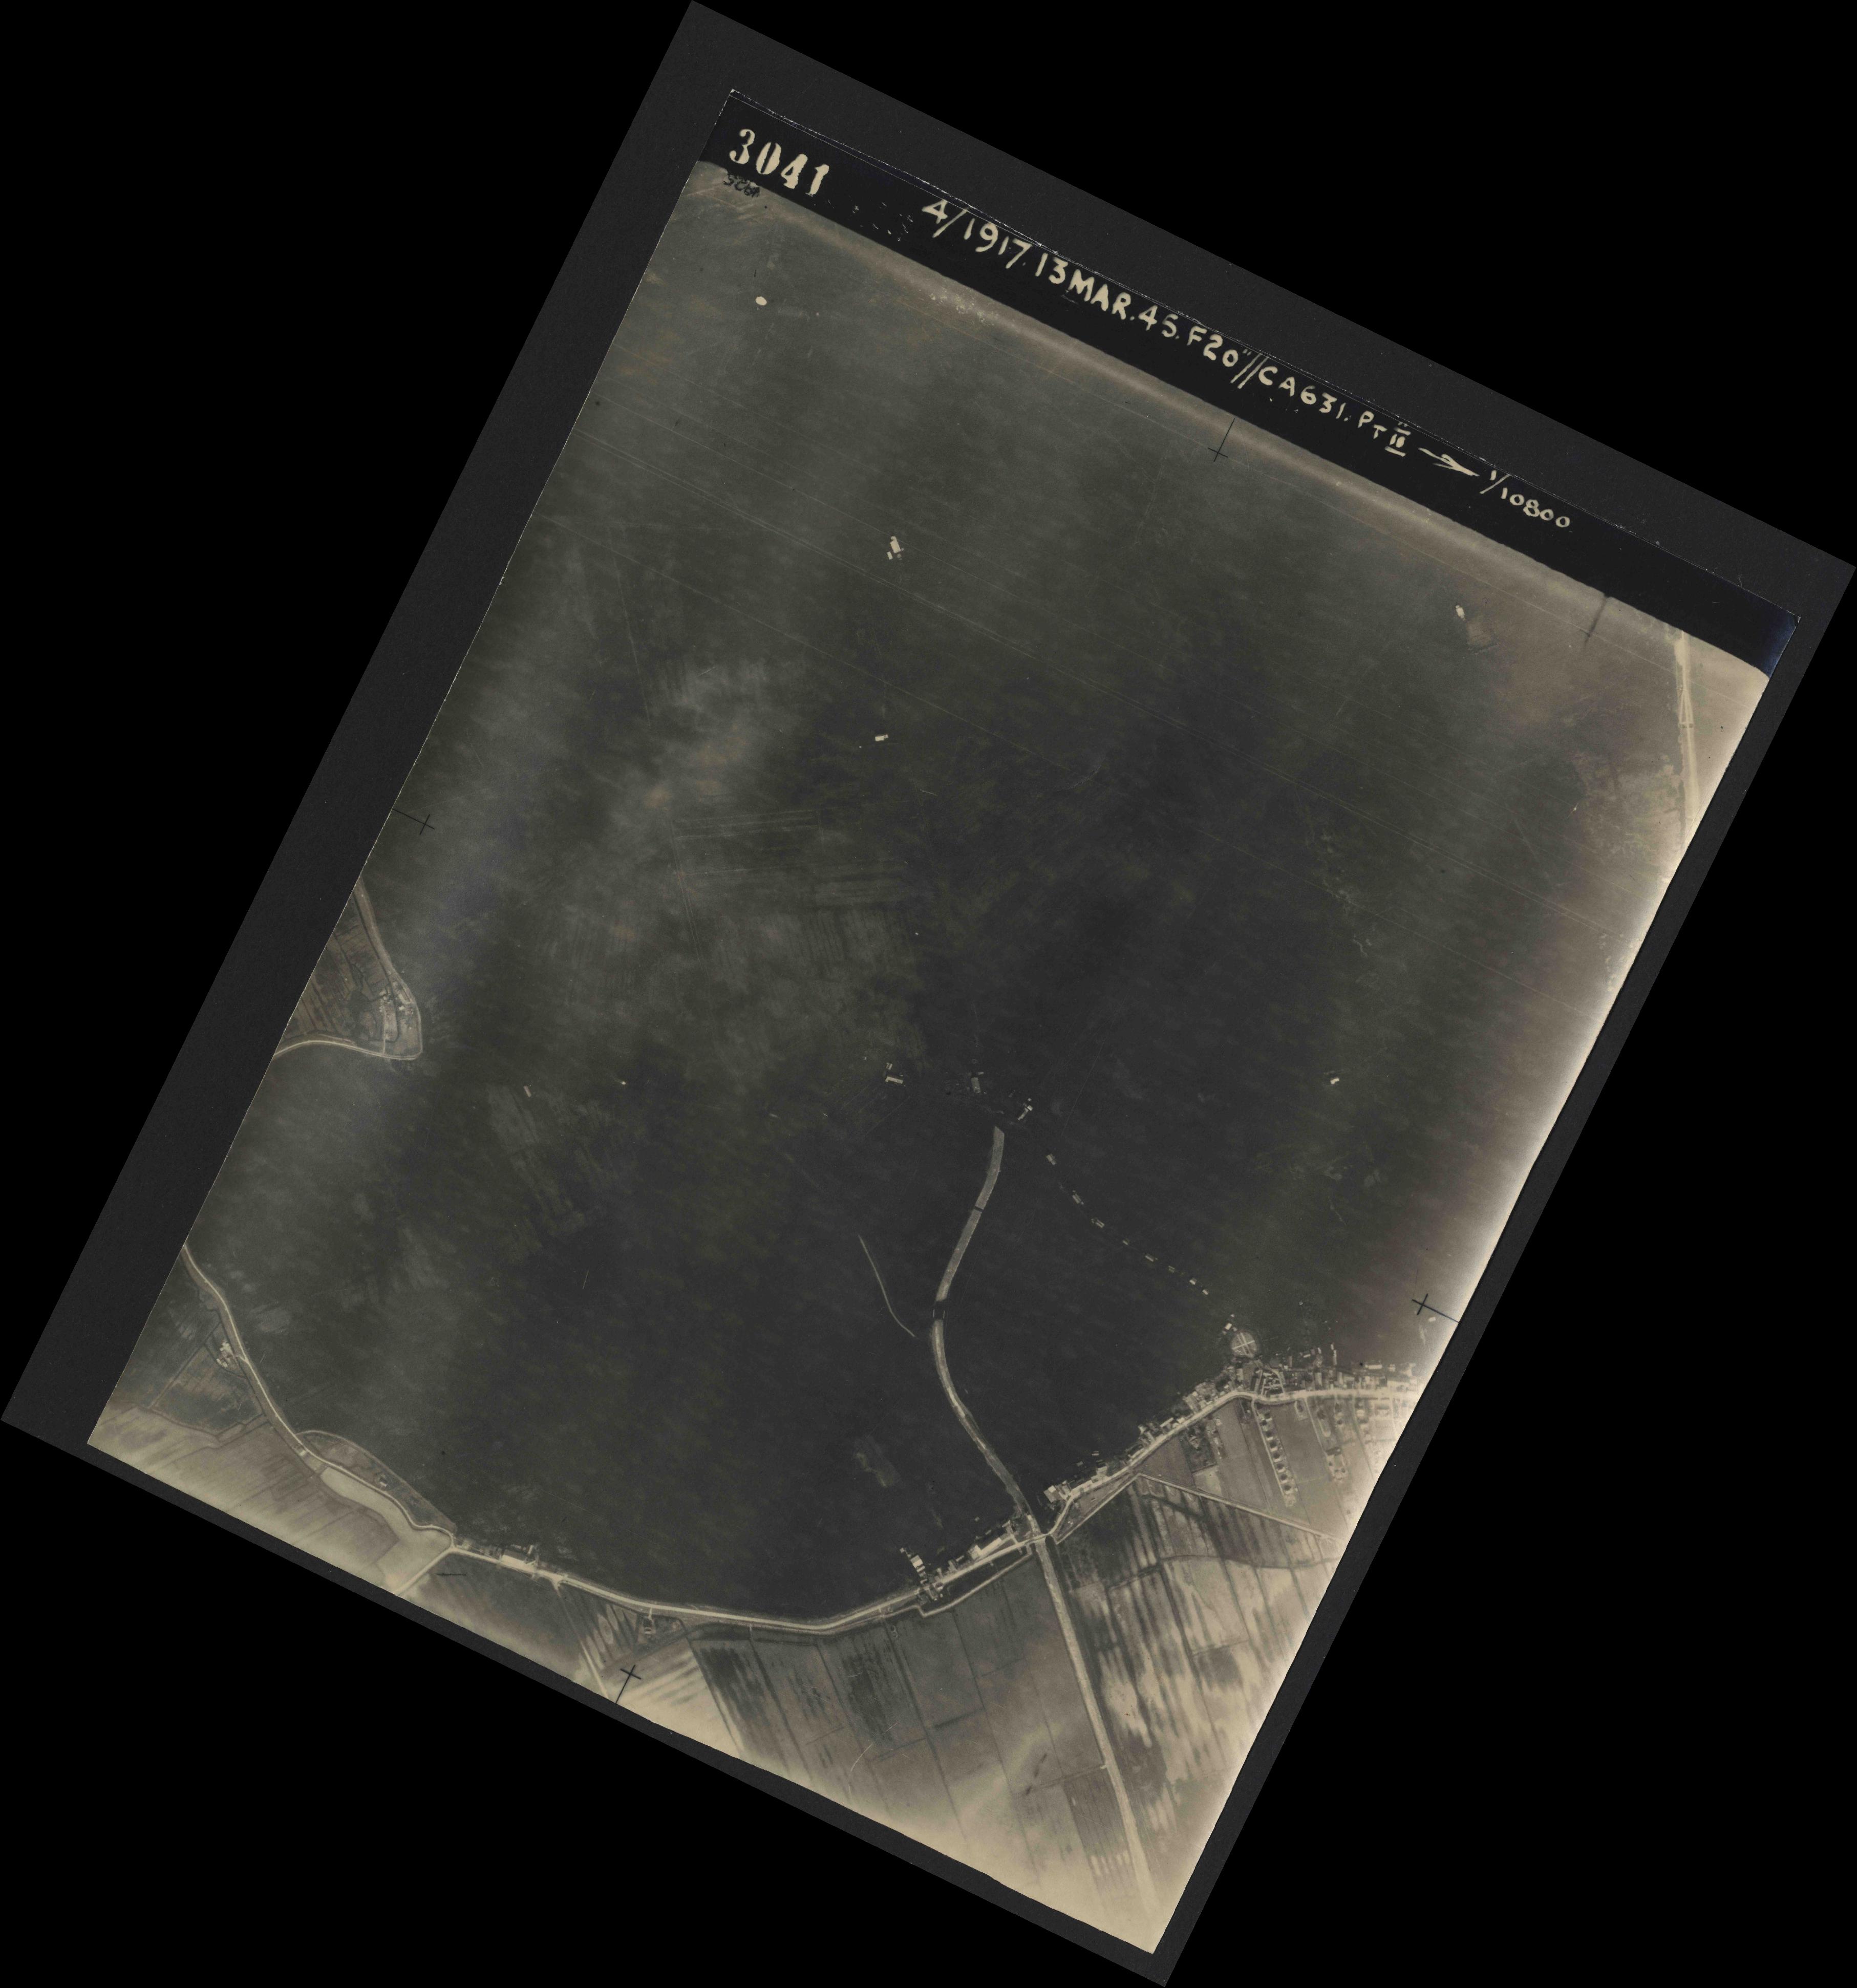 Collection RAF aerial photos 1940-1945 - flight 093, run 05, photo 3041